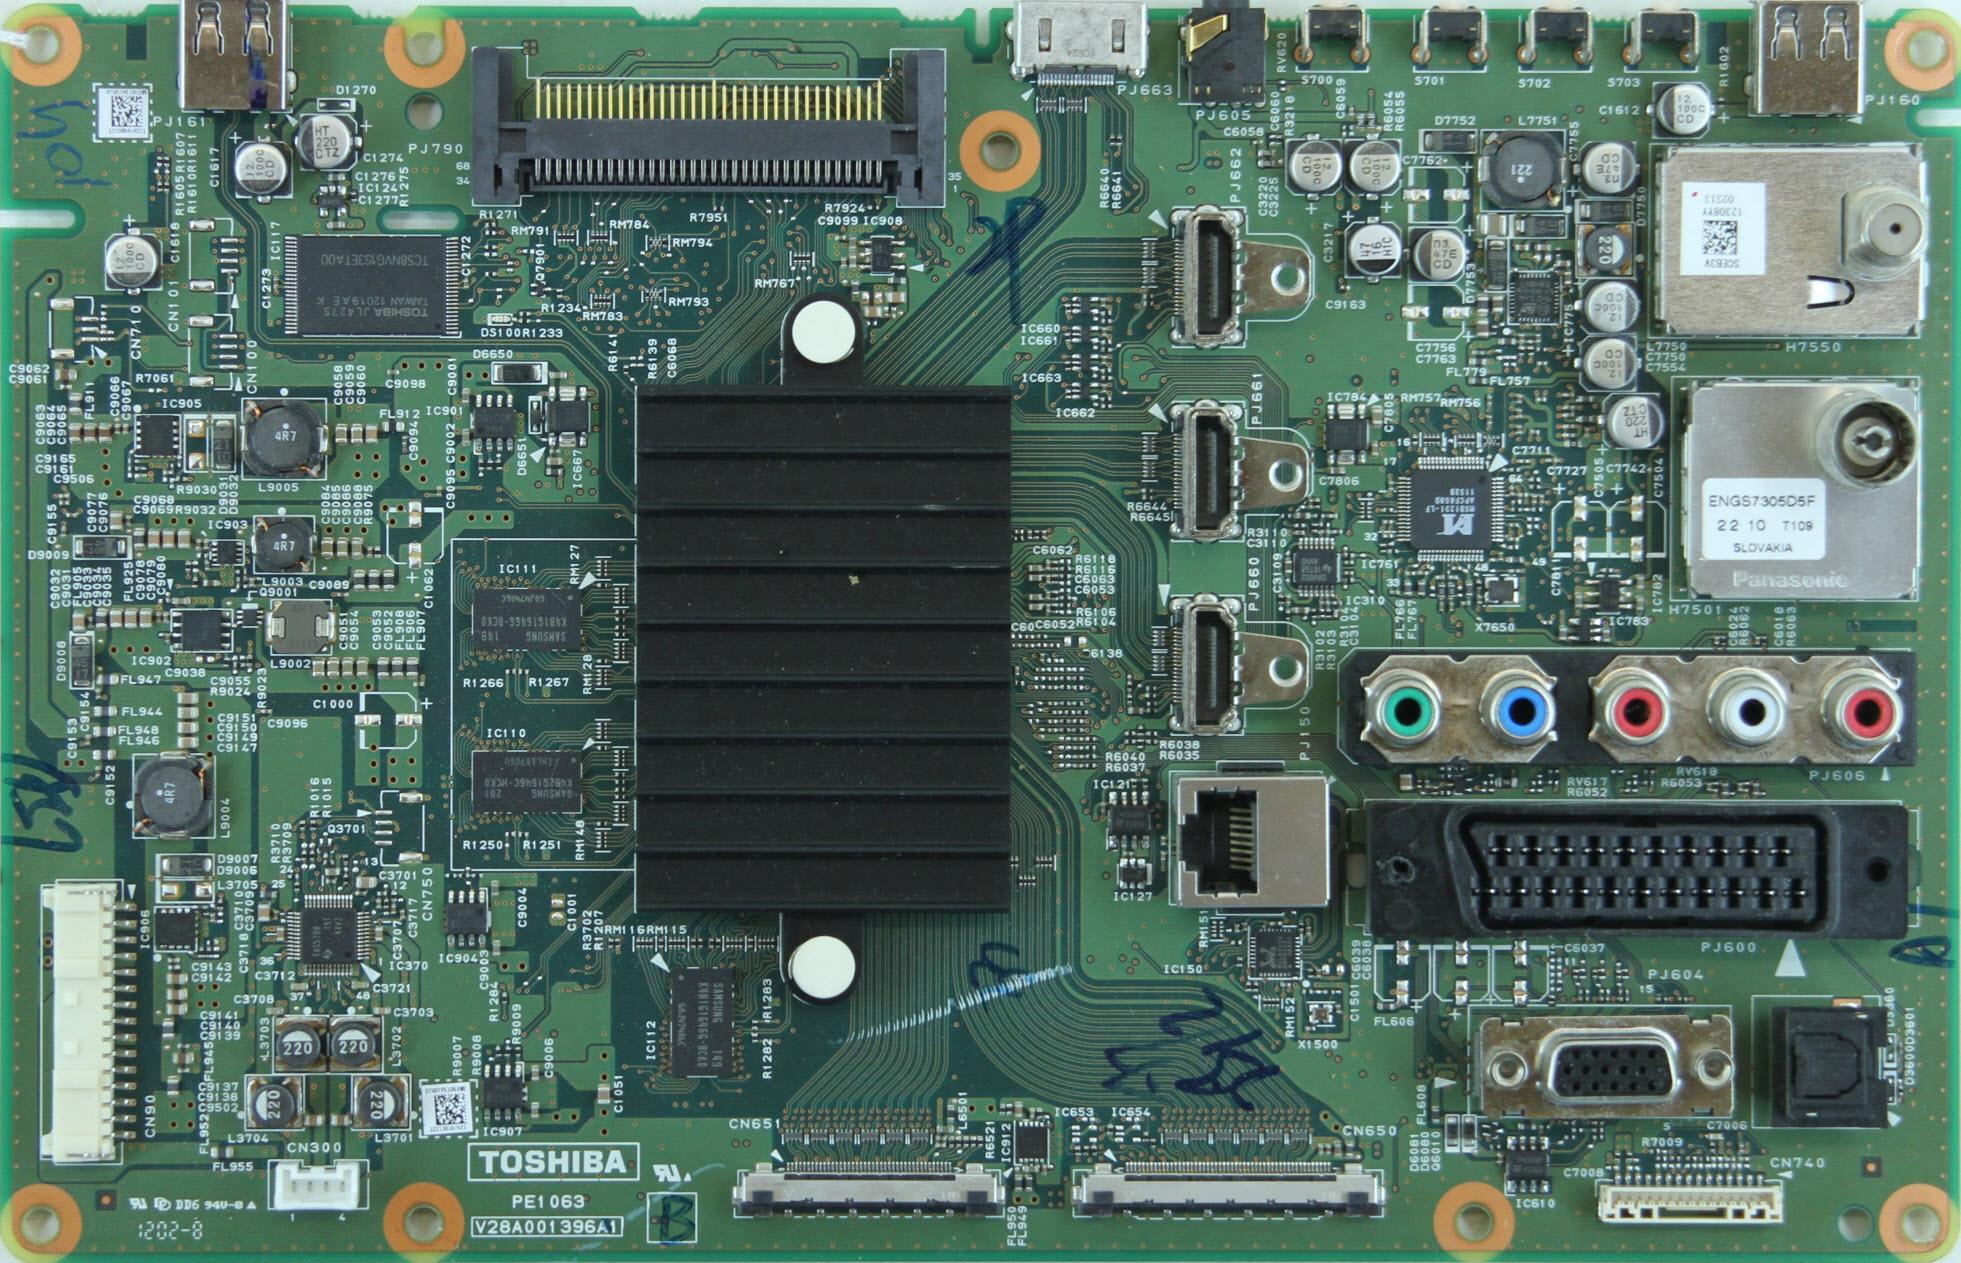 Toshiba 32av933 схема